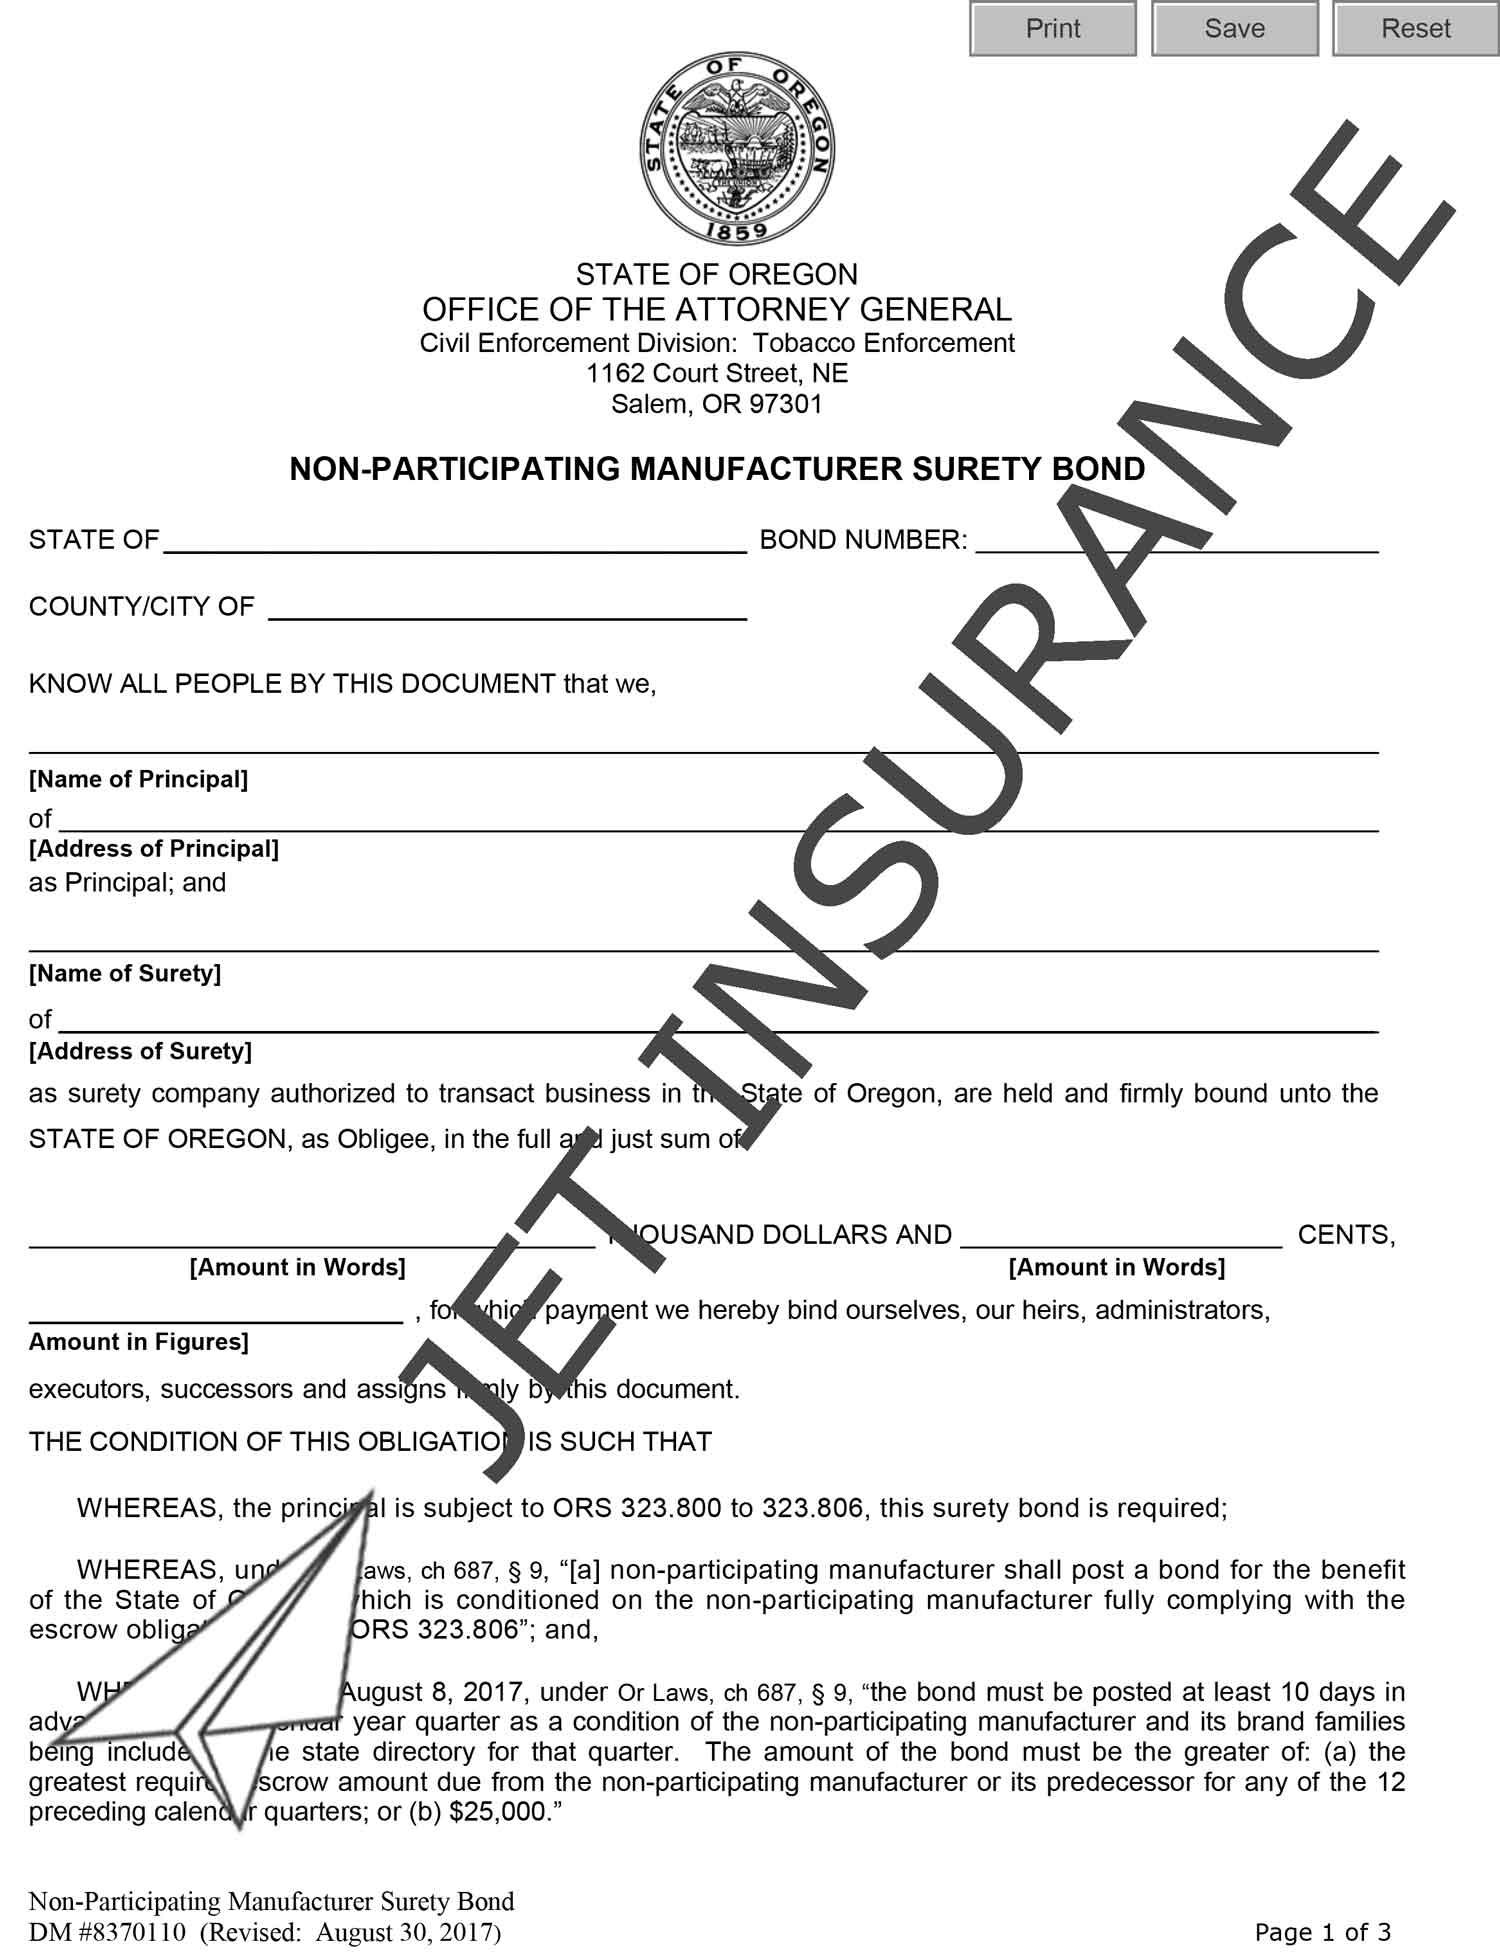 Oregon Non-Participating Manufacturer Bond Form